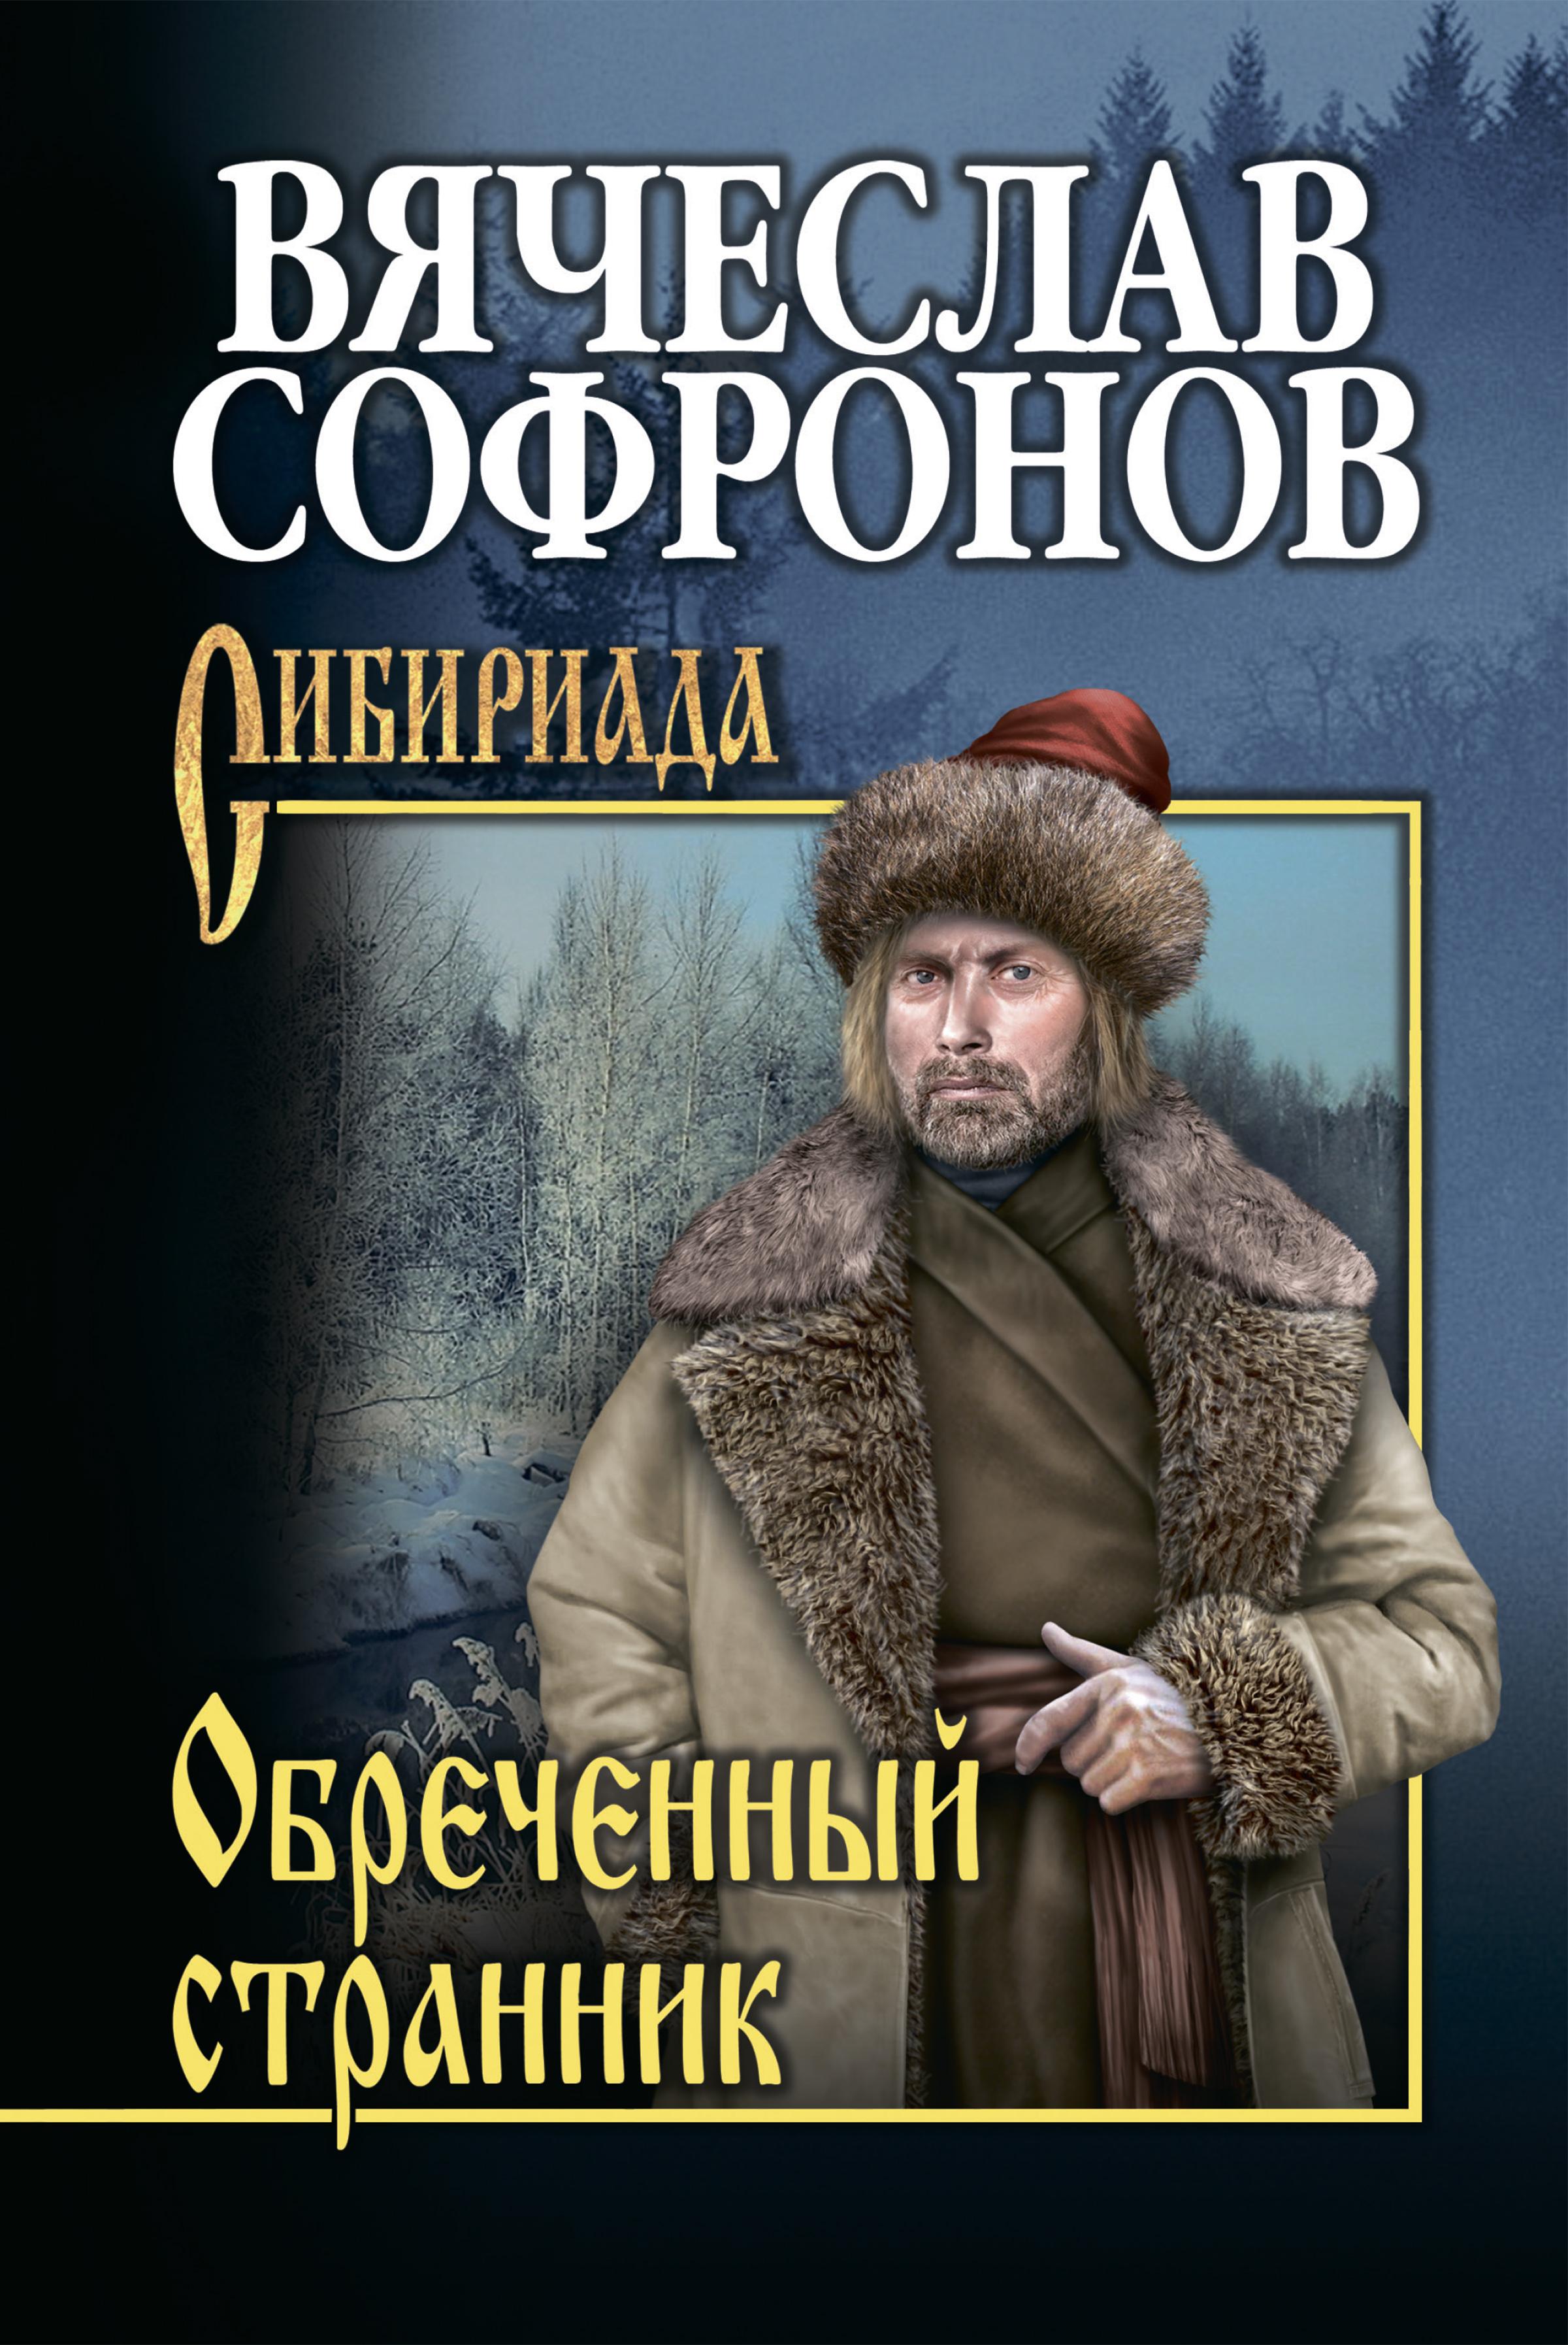 Вячеслав Софронов Обречённый странник зубарев